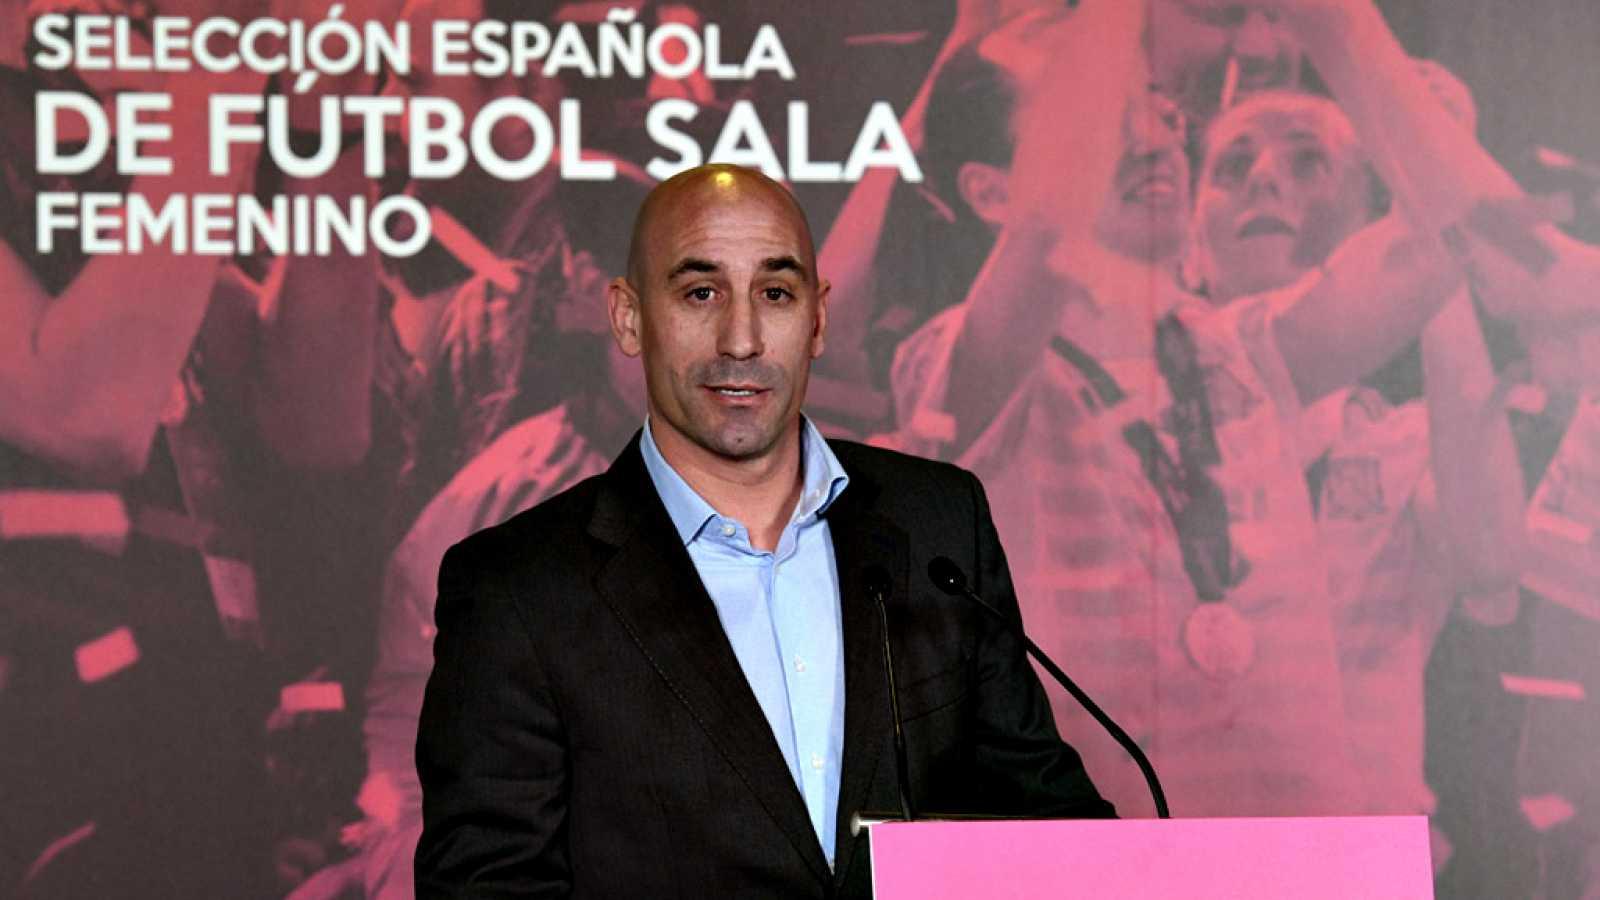 """El presidente de la Real Federación Española de Fútbol (RFEF), Luis Rubiales, ha anunciado un nuevo formato de Supercopa a partir del próximo verano, que introducirá una """"final a cuatro"""" a disputarse fuera de España."""